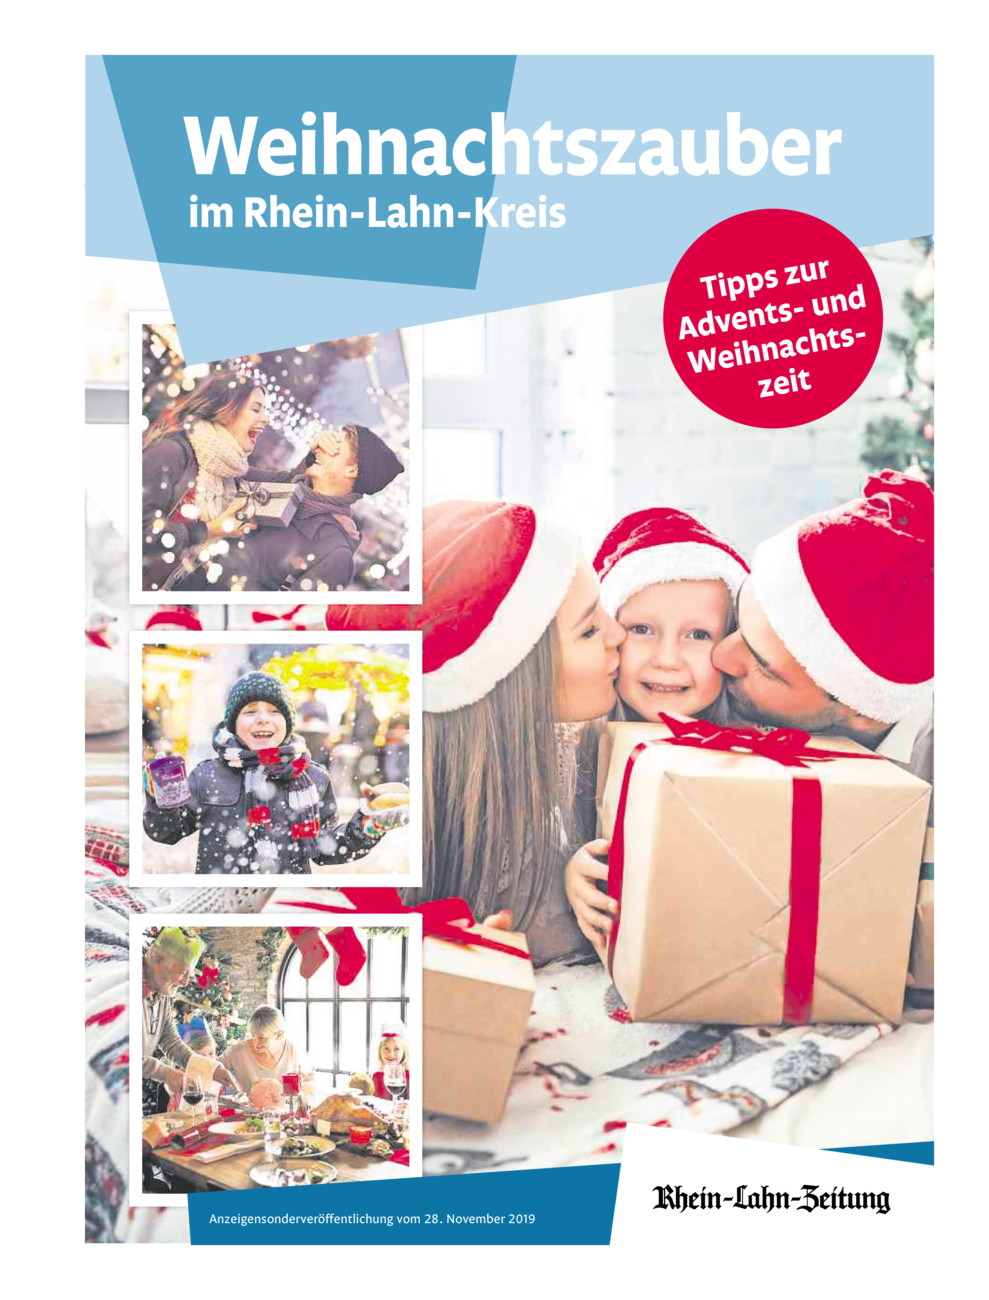 Weihnachtszauber im Rhein-Lahn-Kreis